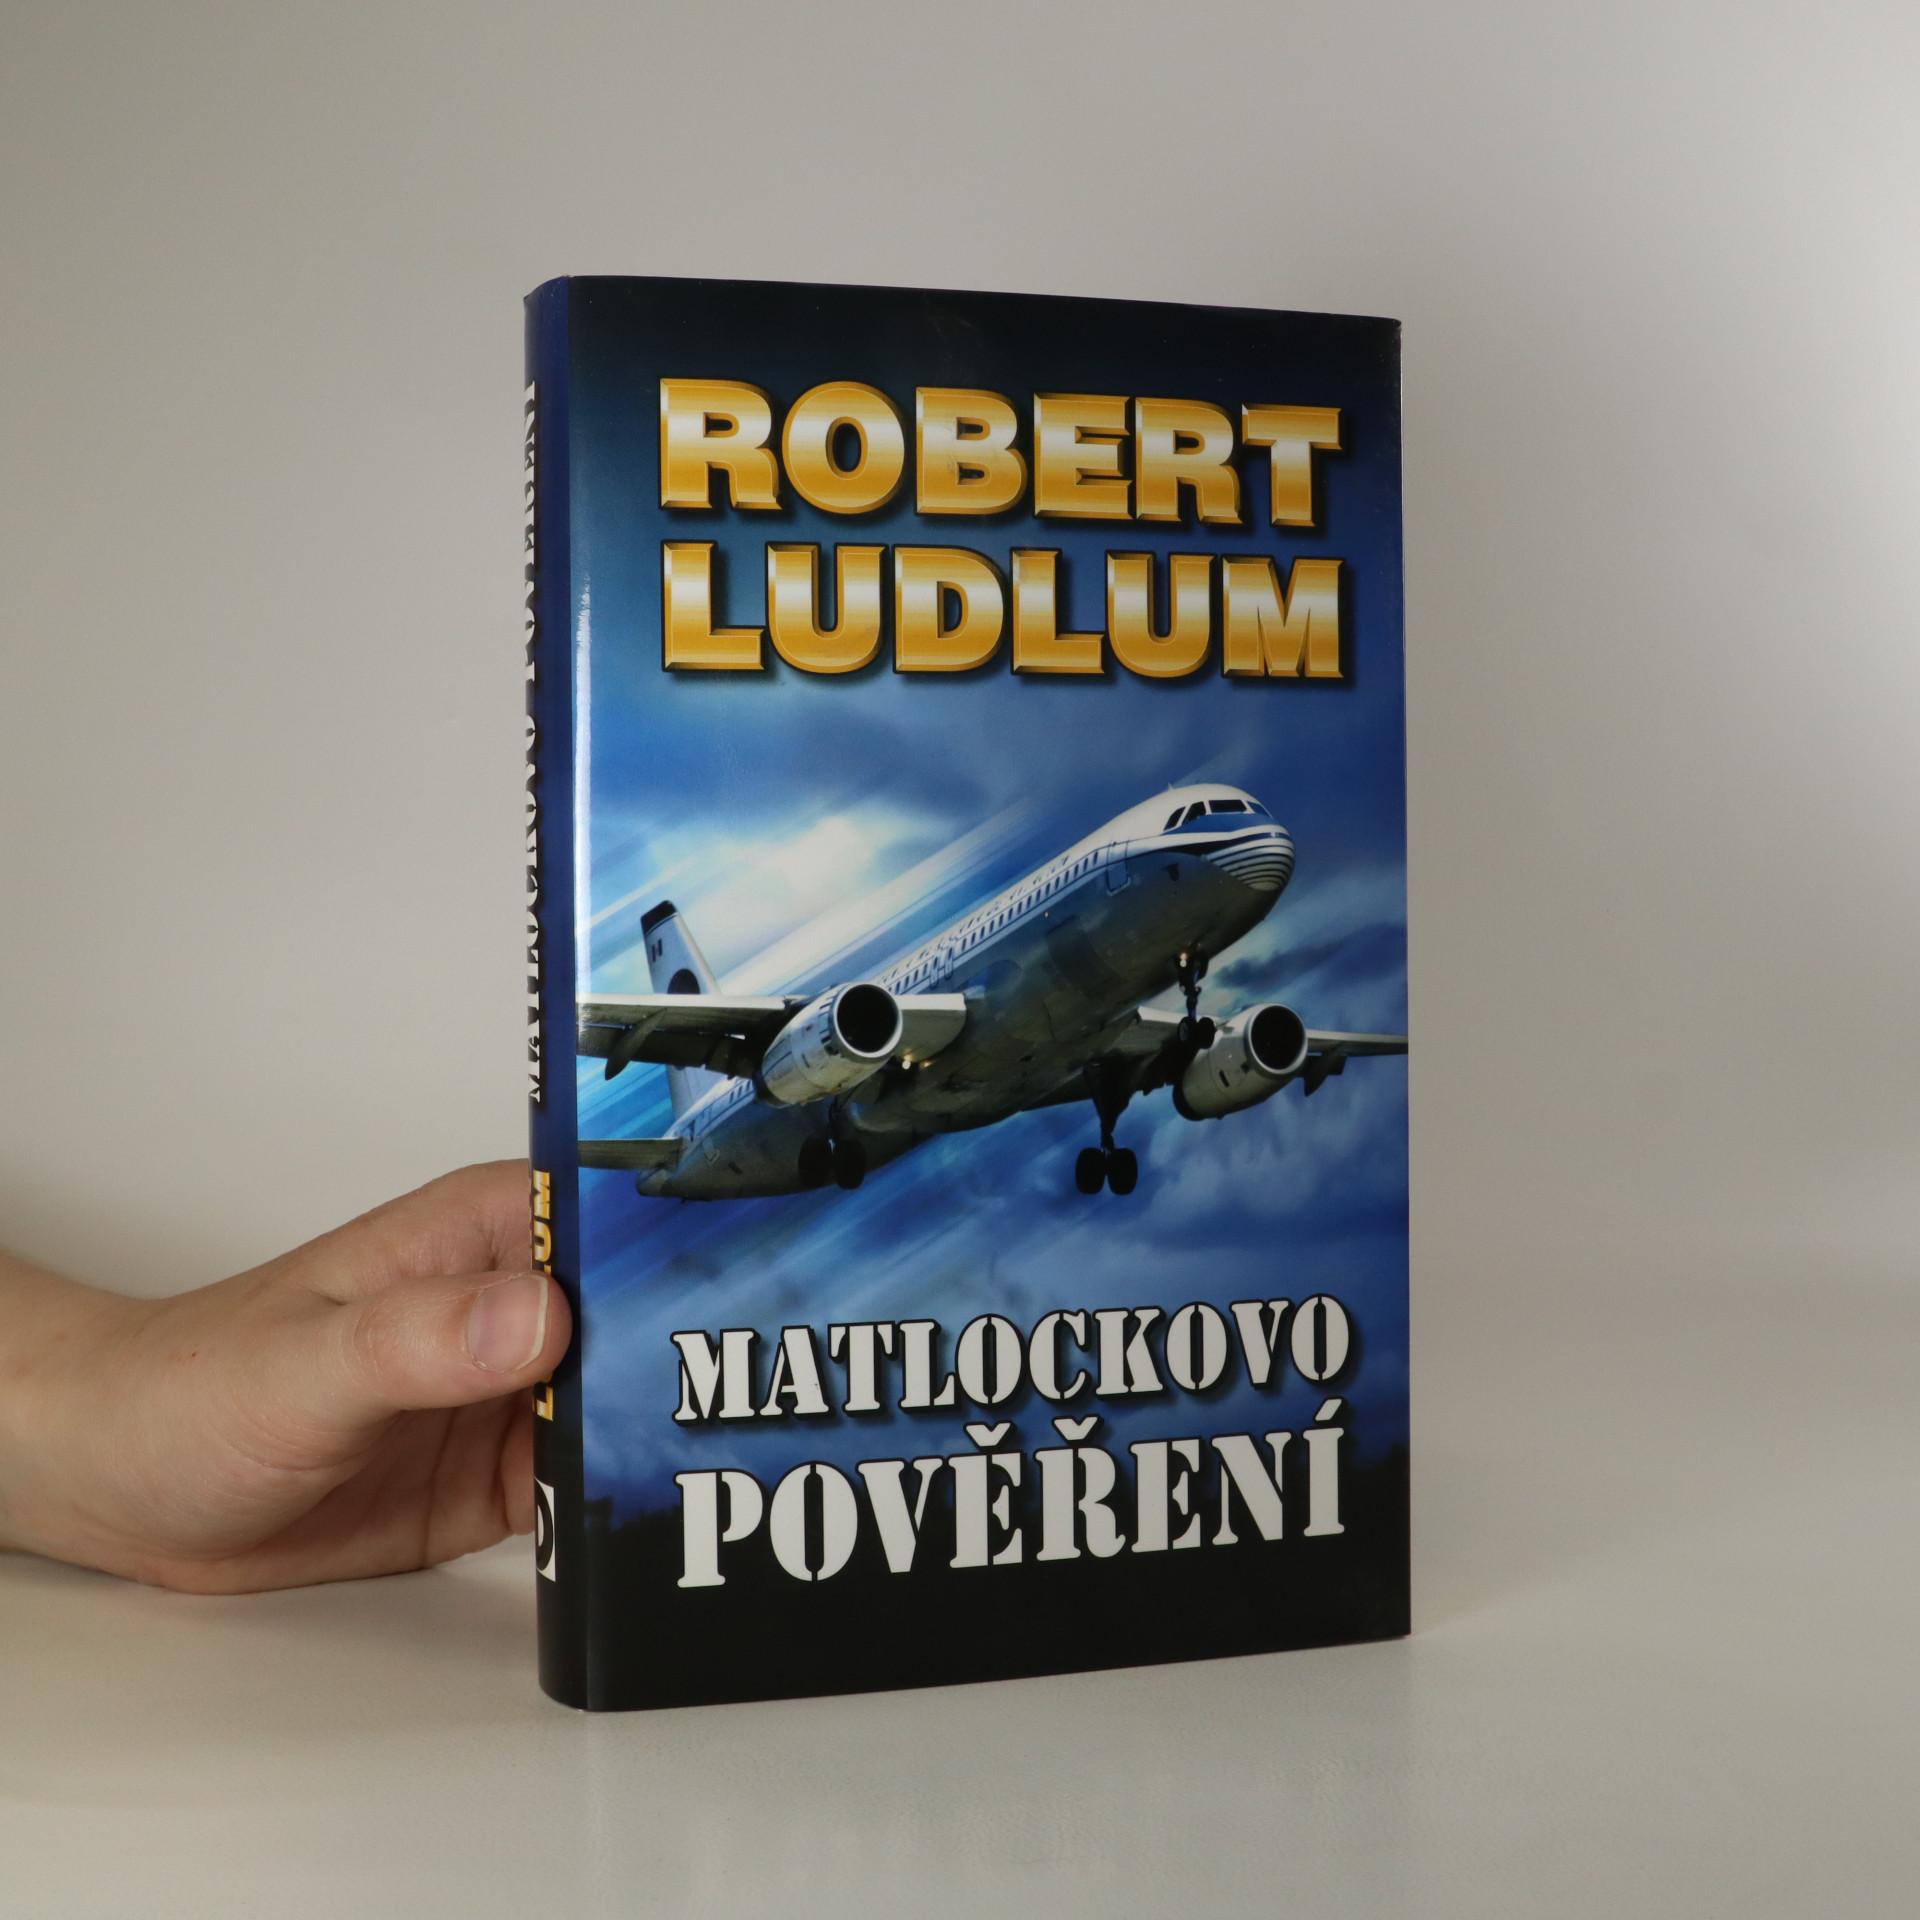 antikvární kniha Matlockovo pověření, 2007